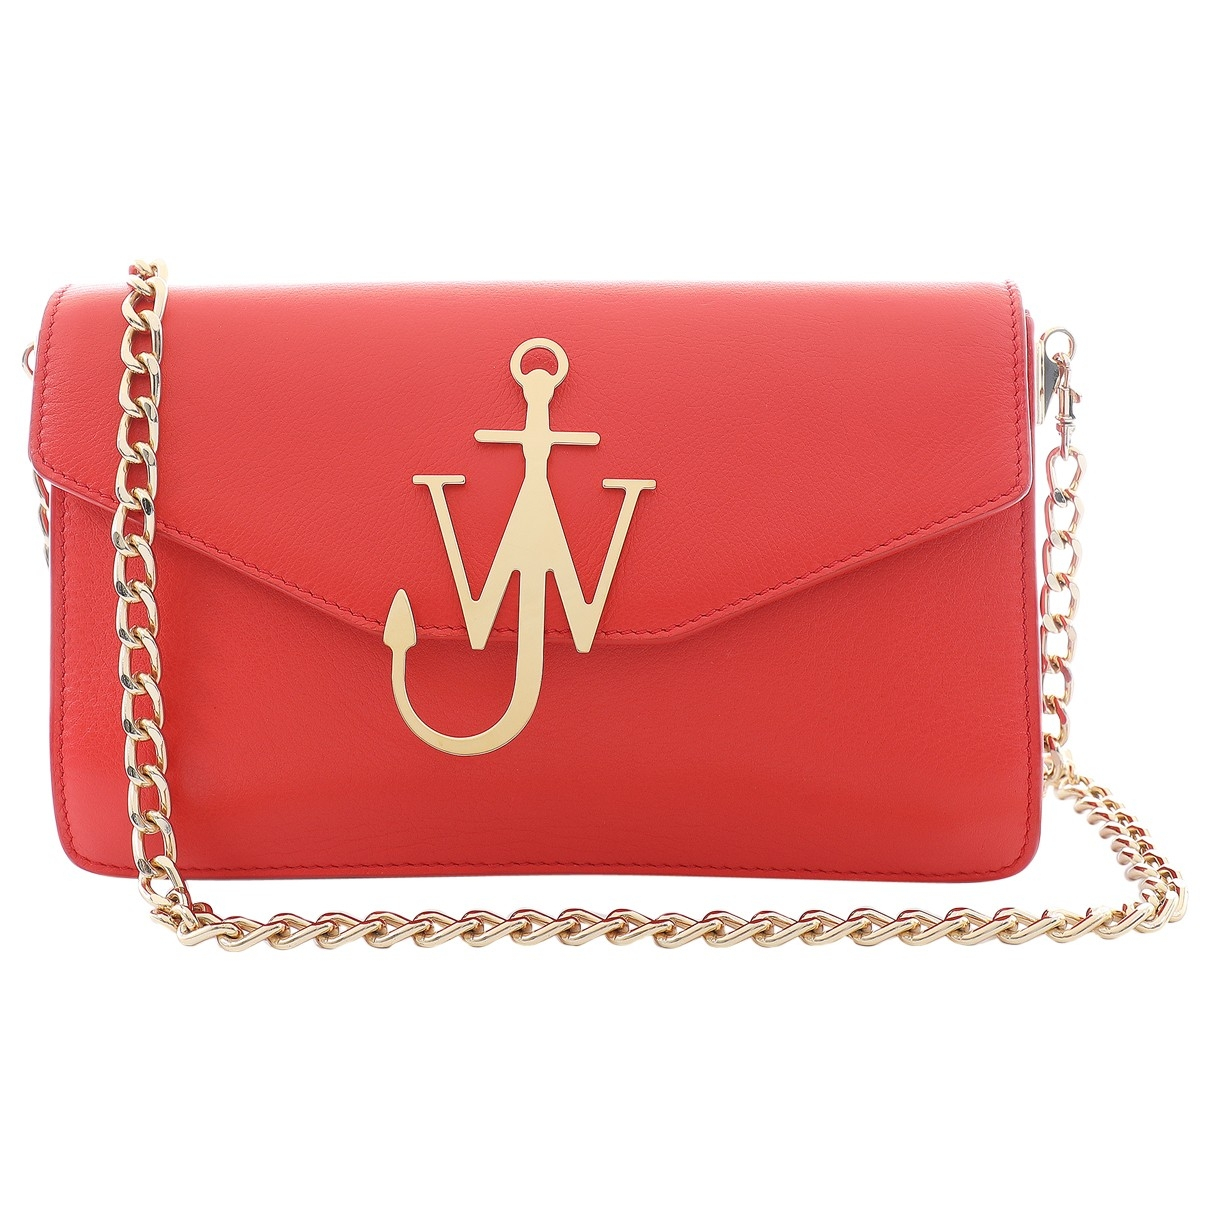 J.w. Anderson - Sac a main Logo pour femme en cuir - rouge